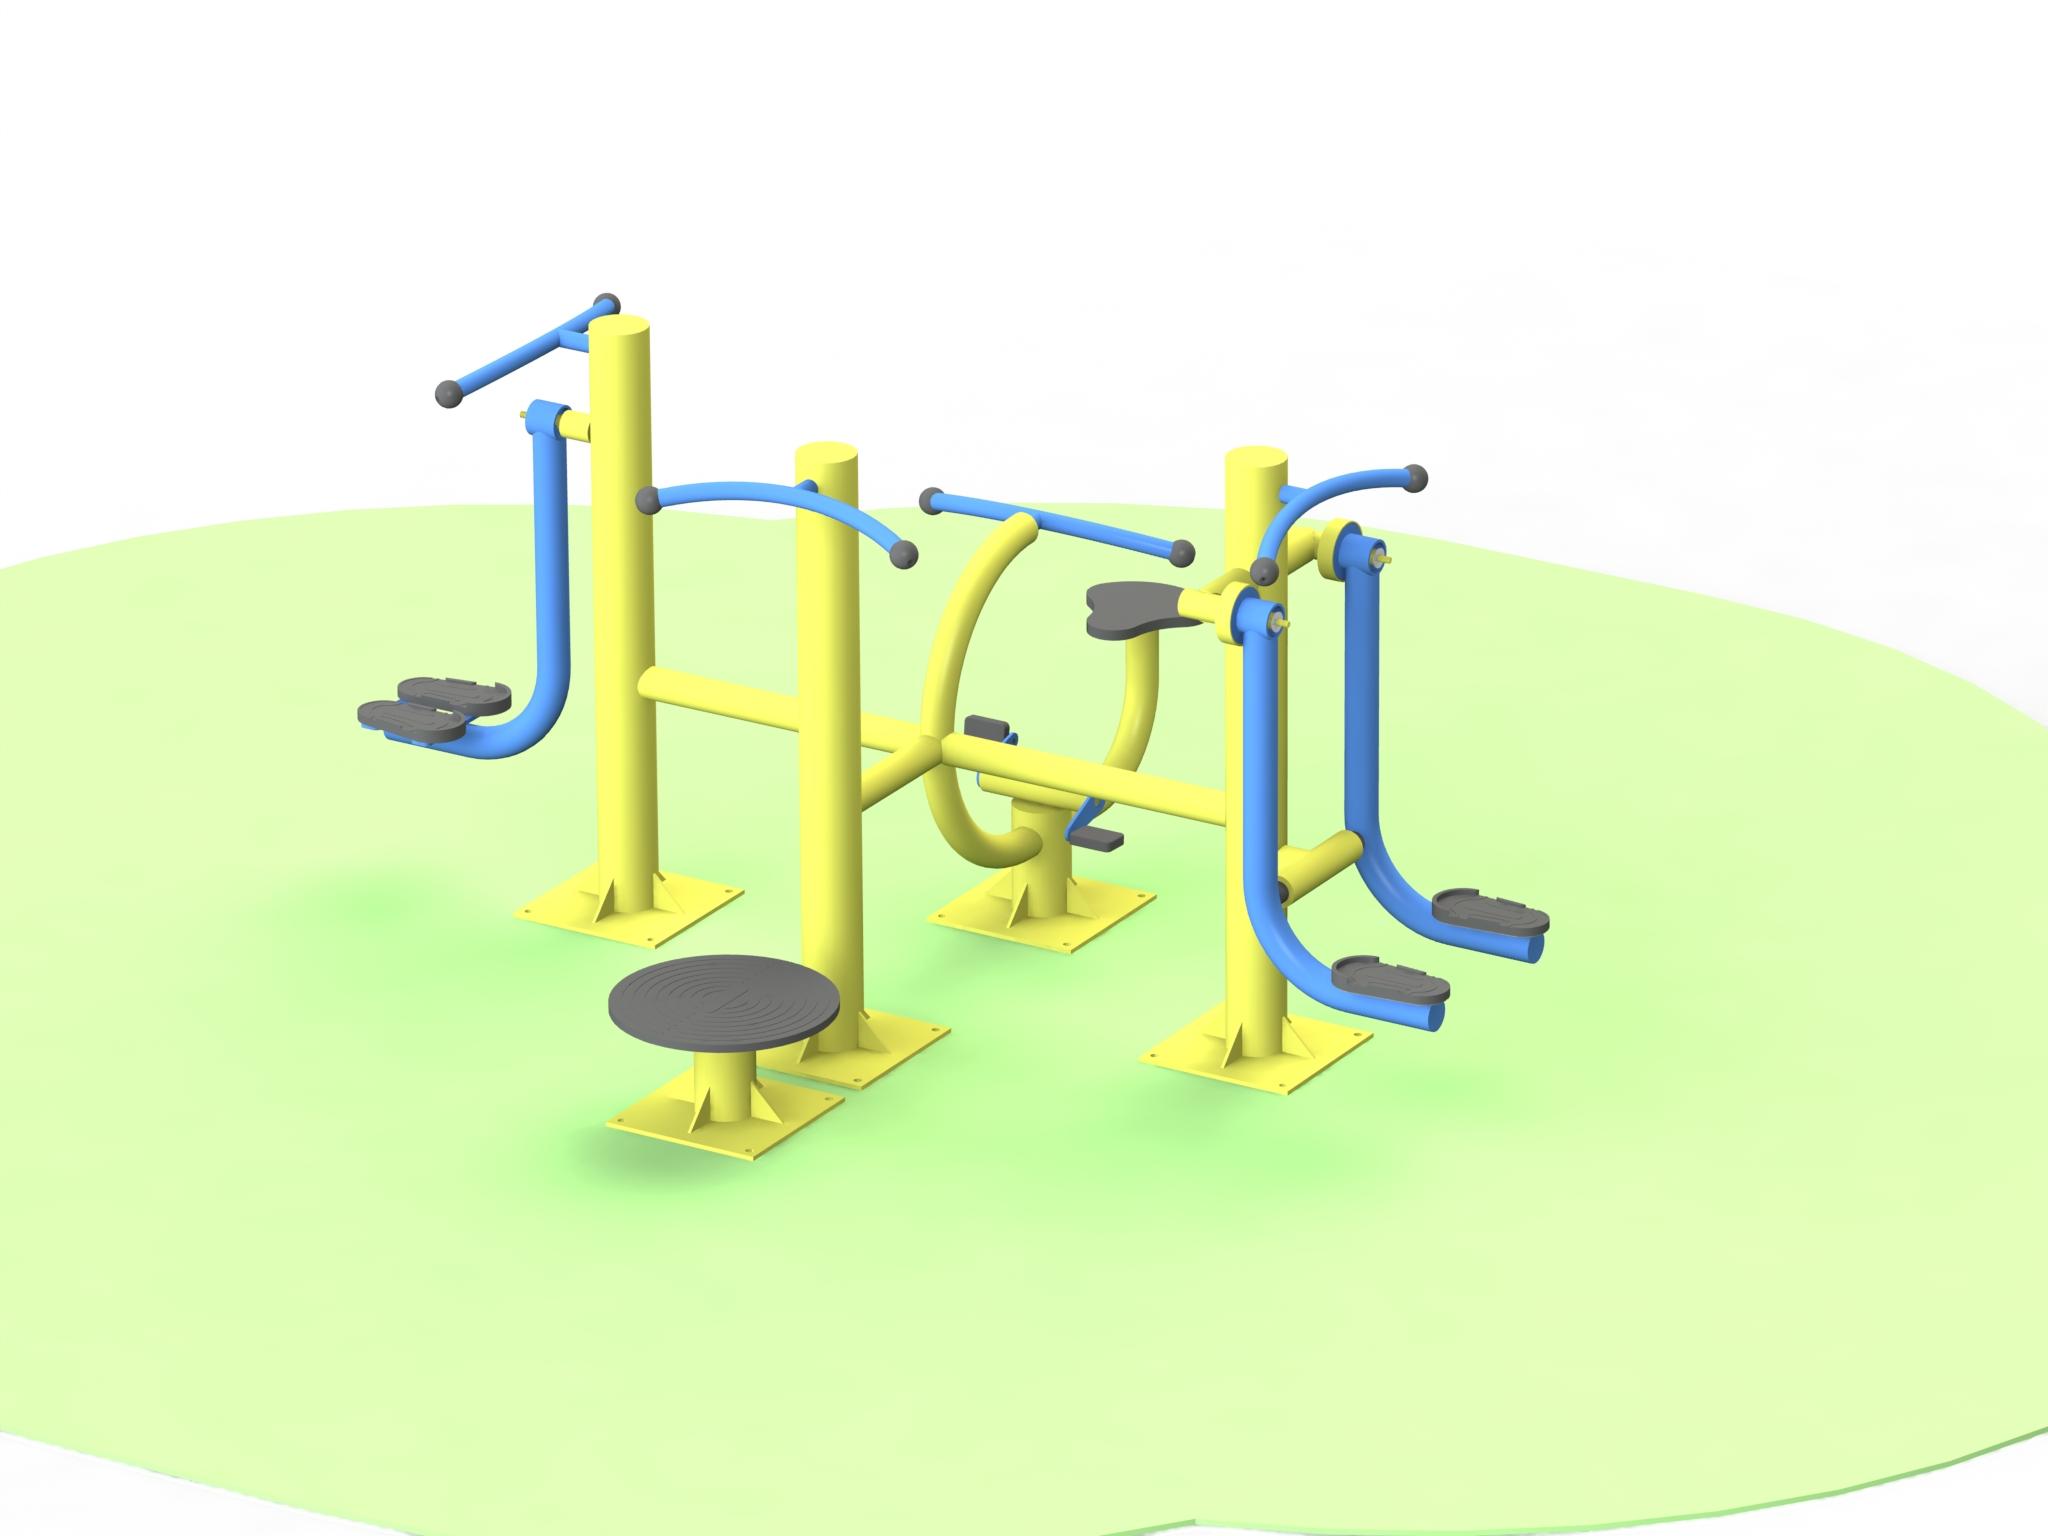 Снимка на продукта: Детски комбиниран фитнес уред, модел ФМД29